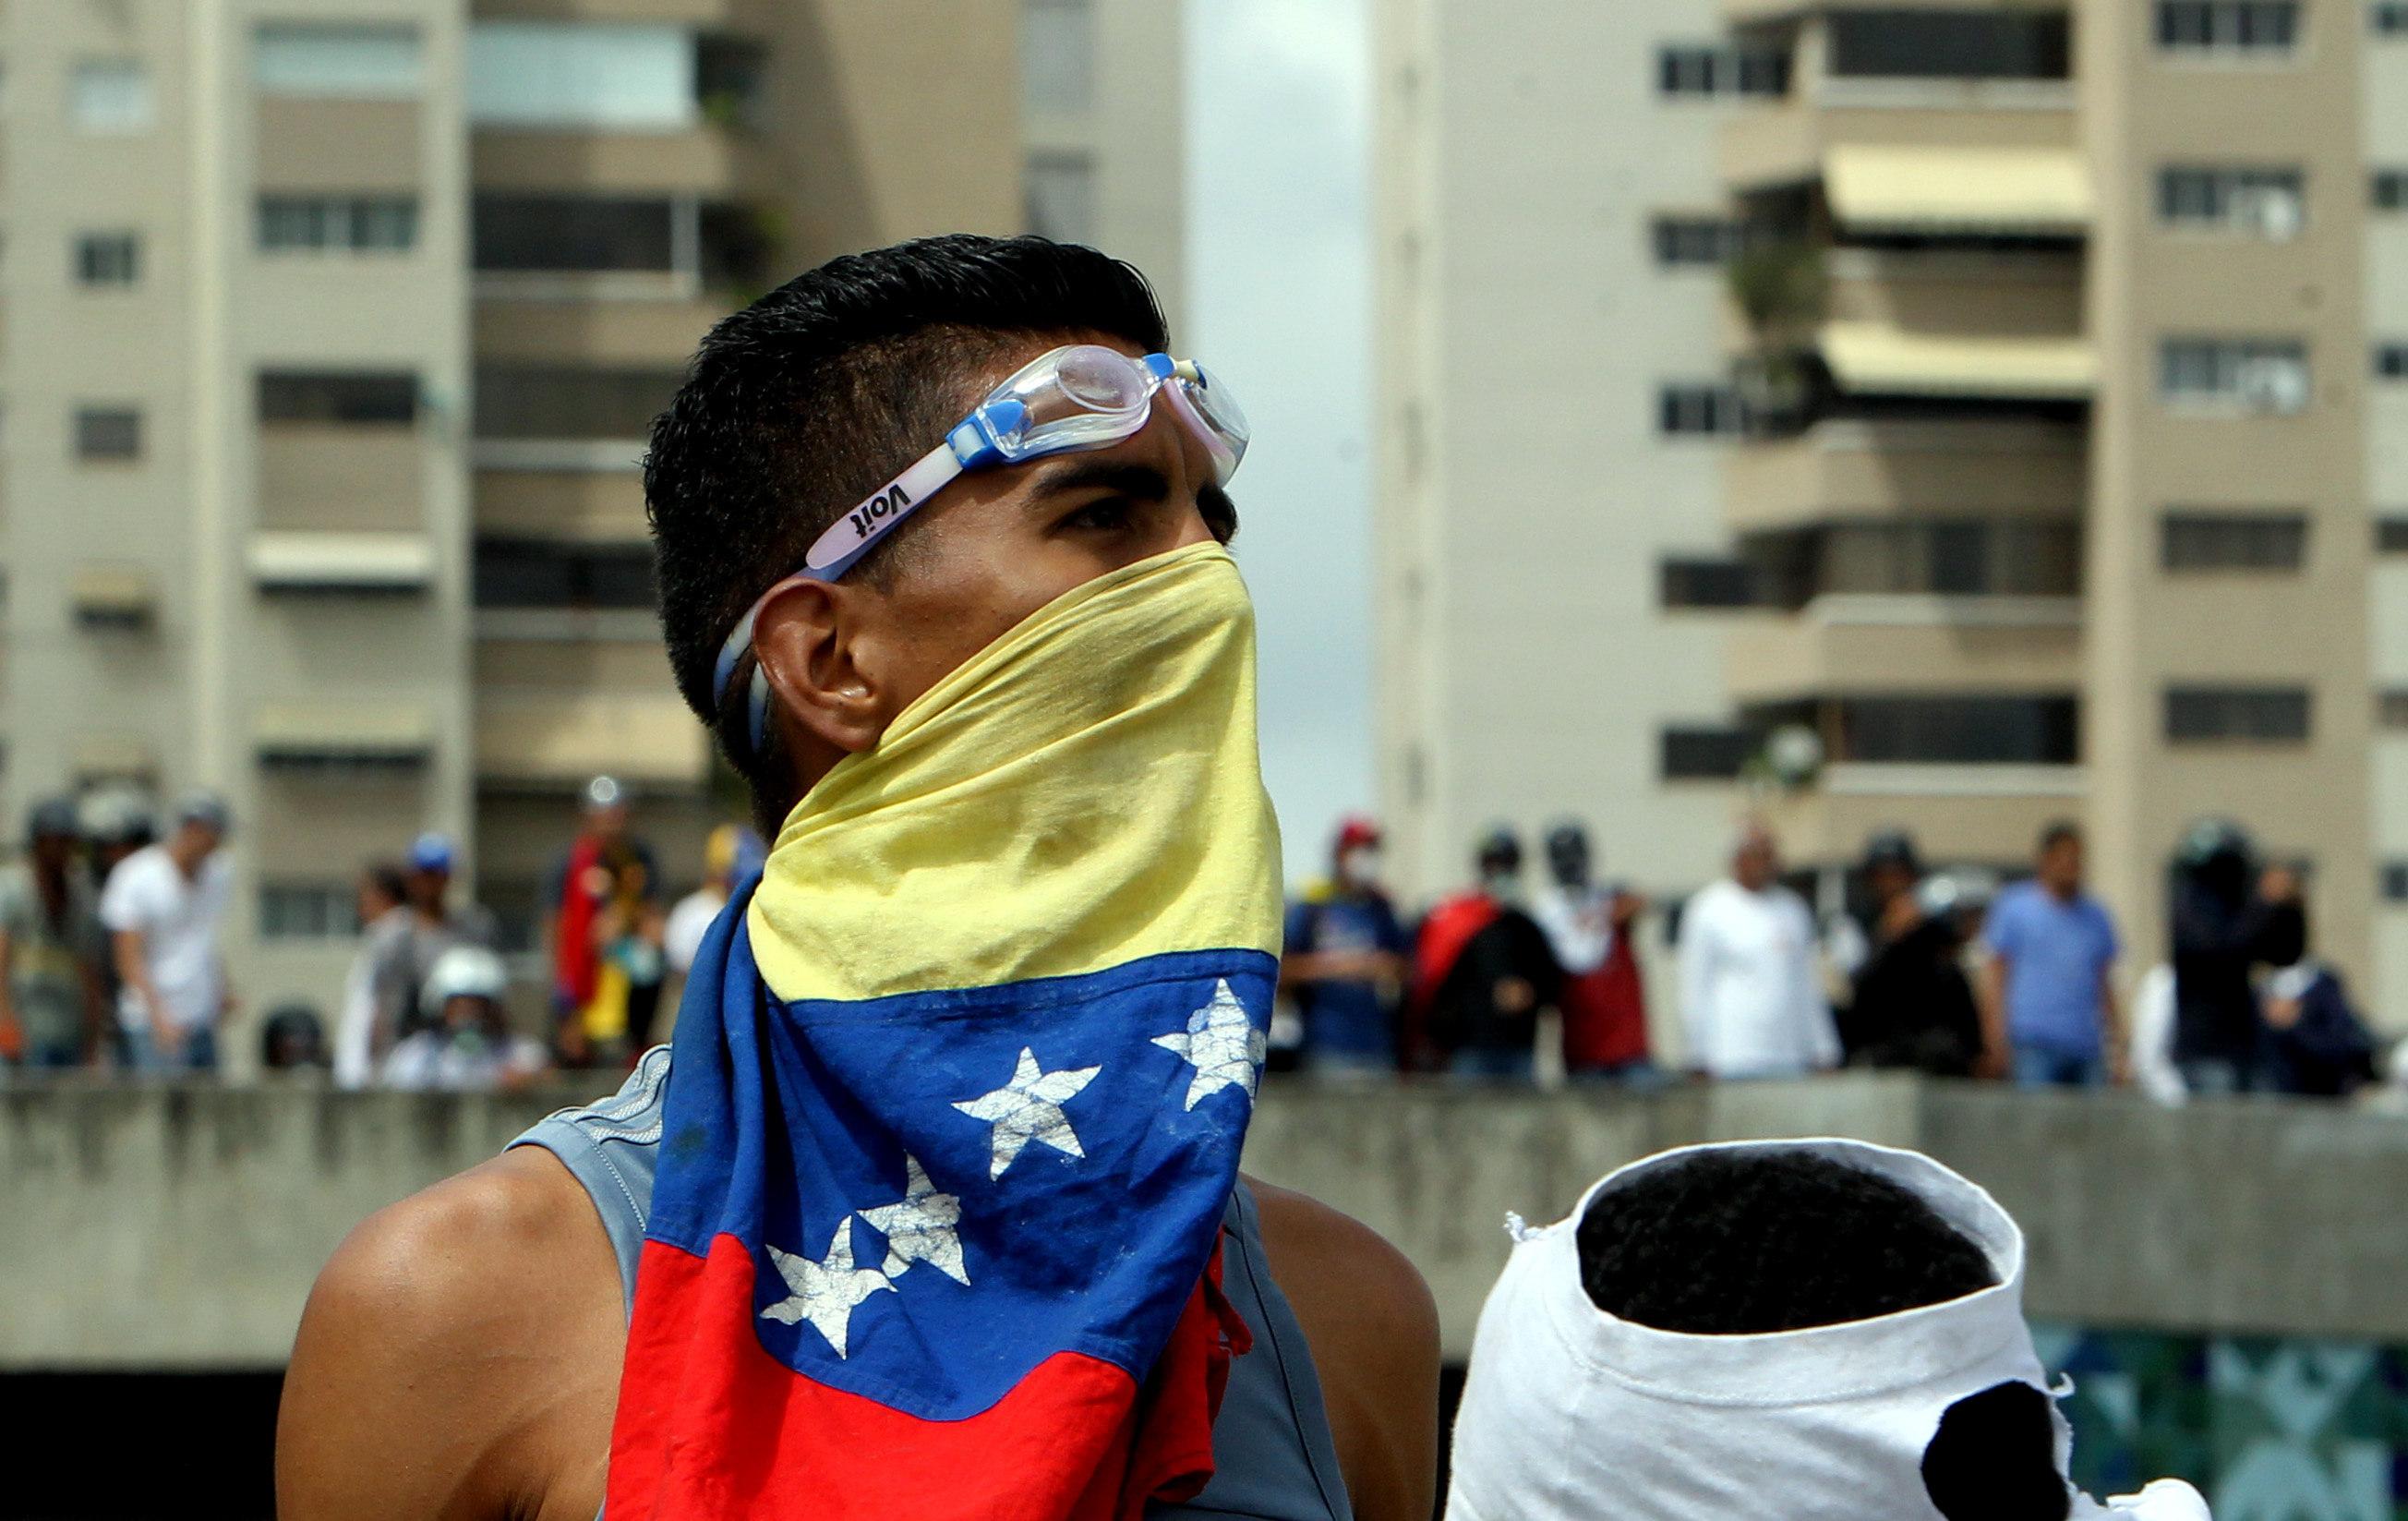 Un manifestant participa en una protesta a la base aèria militar La Carlota a Caracas (Veneçuela). /MAURICIO DUEÑAS CASTAÑEDA